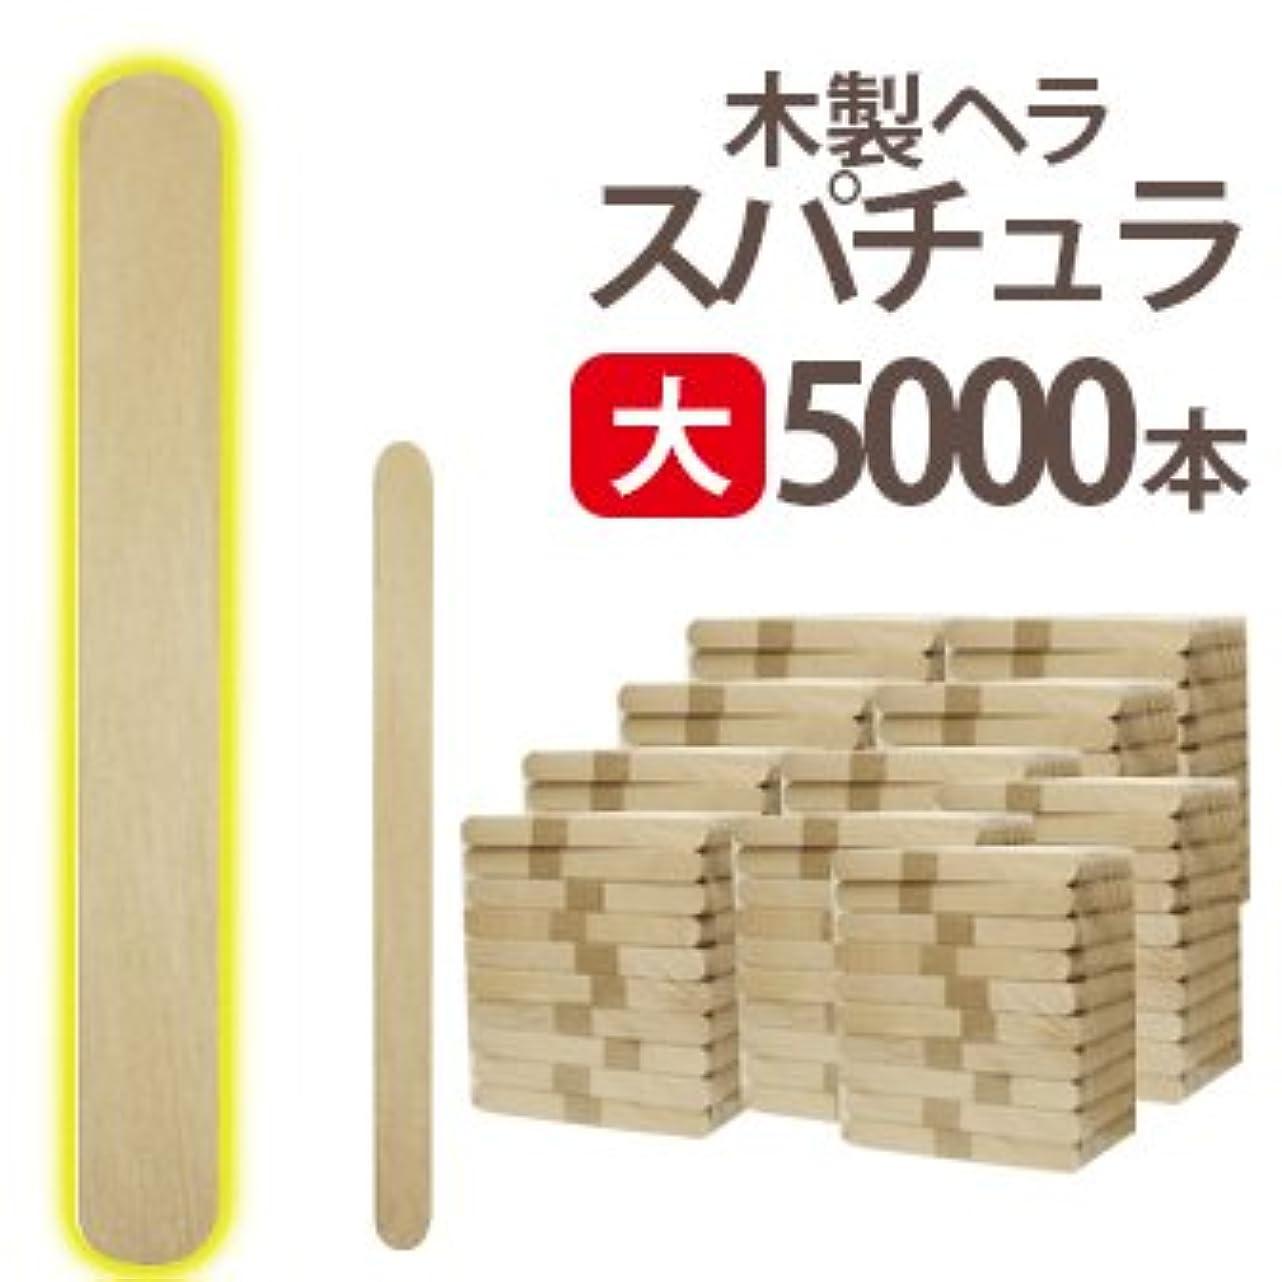 恩赦スペースぺディカブ大 ブラジリアンワックス 業務用5000本 スパチュラ Aタイプ(個別梱包なし 150×16)